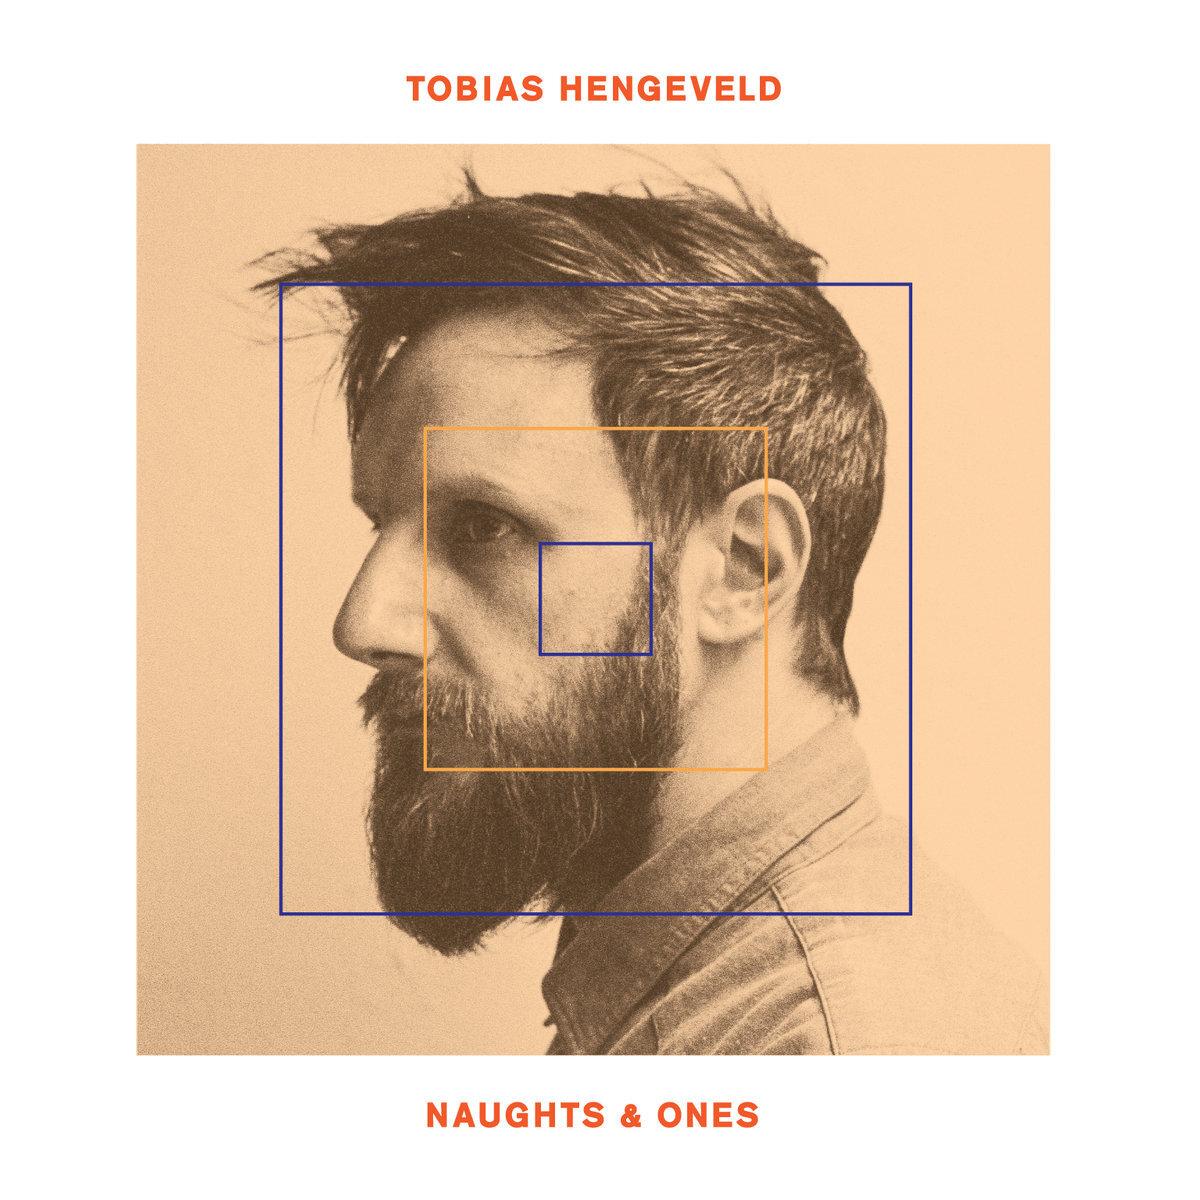 Tobias Hengeveld - Naughts & Ones      Baritone Guitar